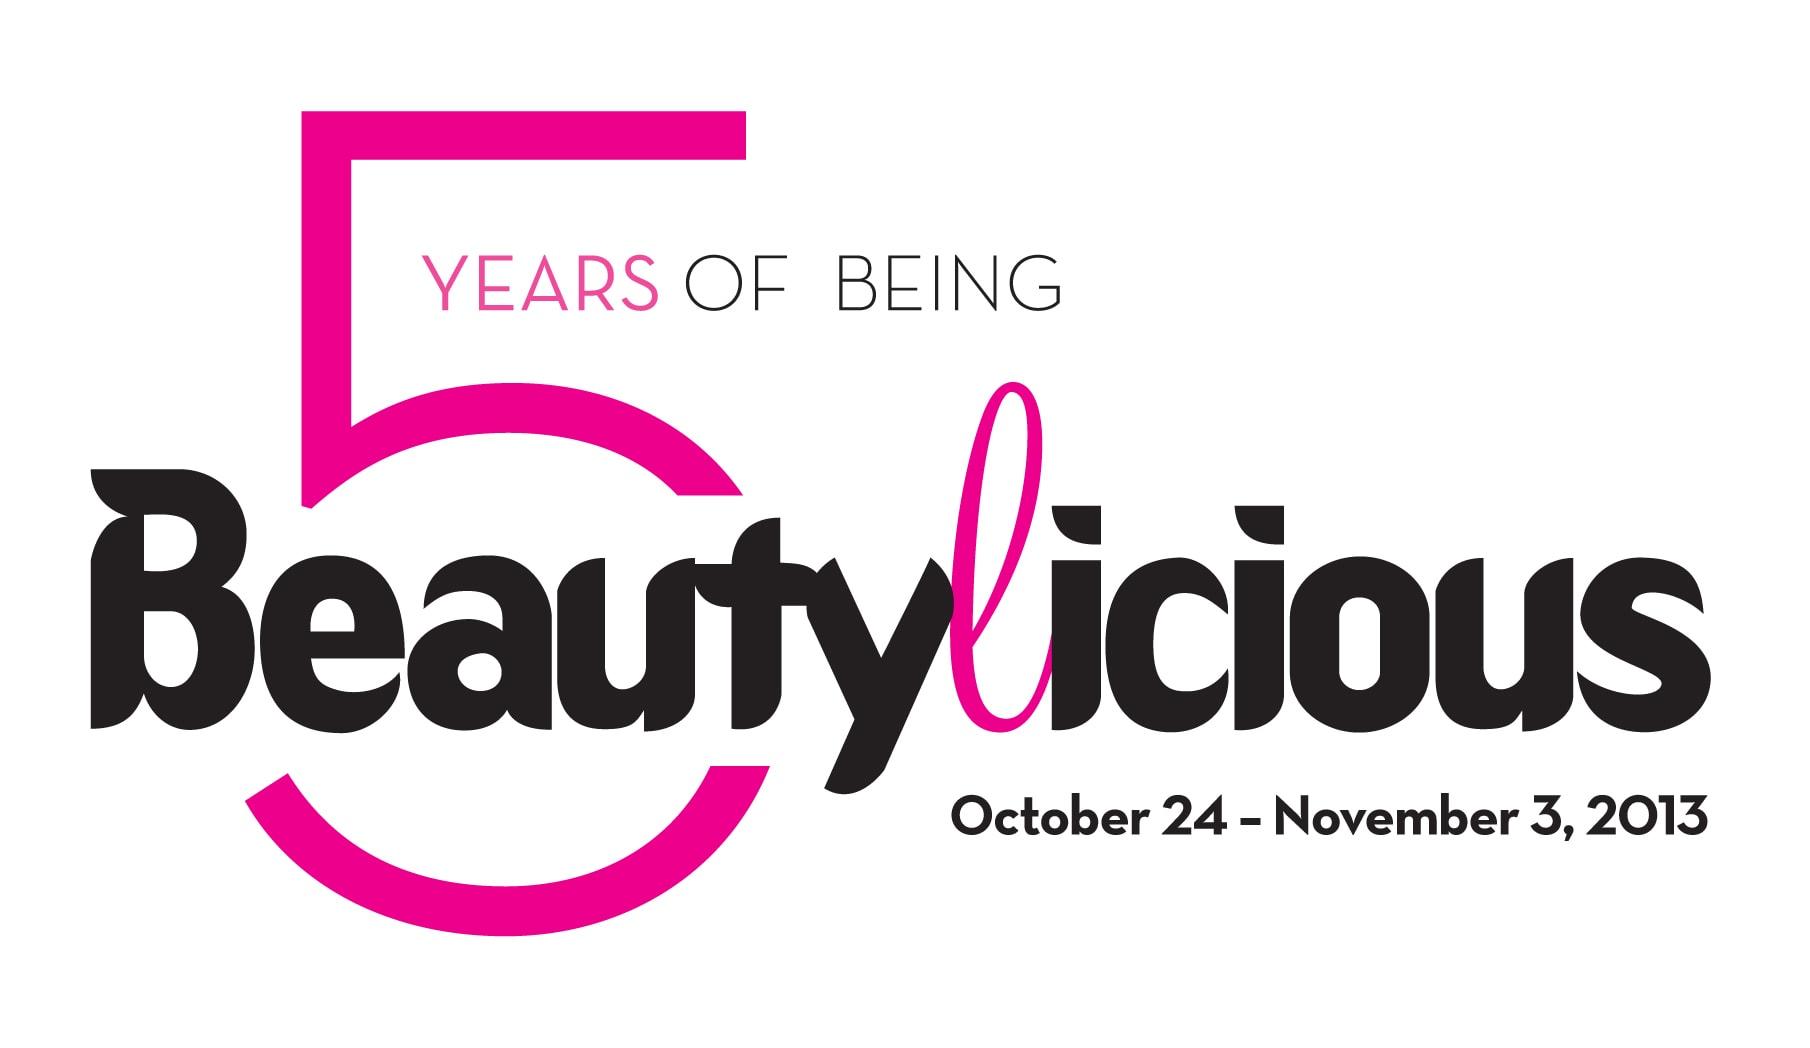 Beautylicious 5 logo